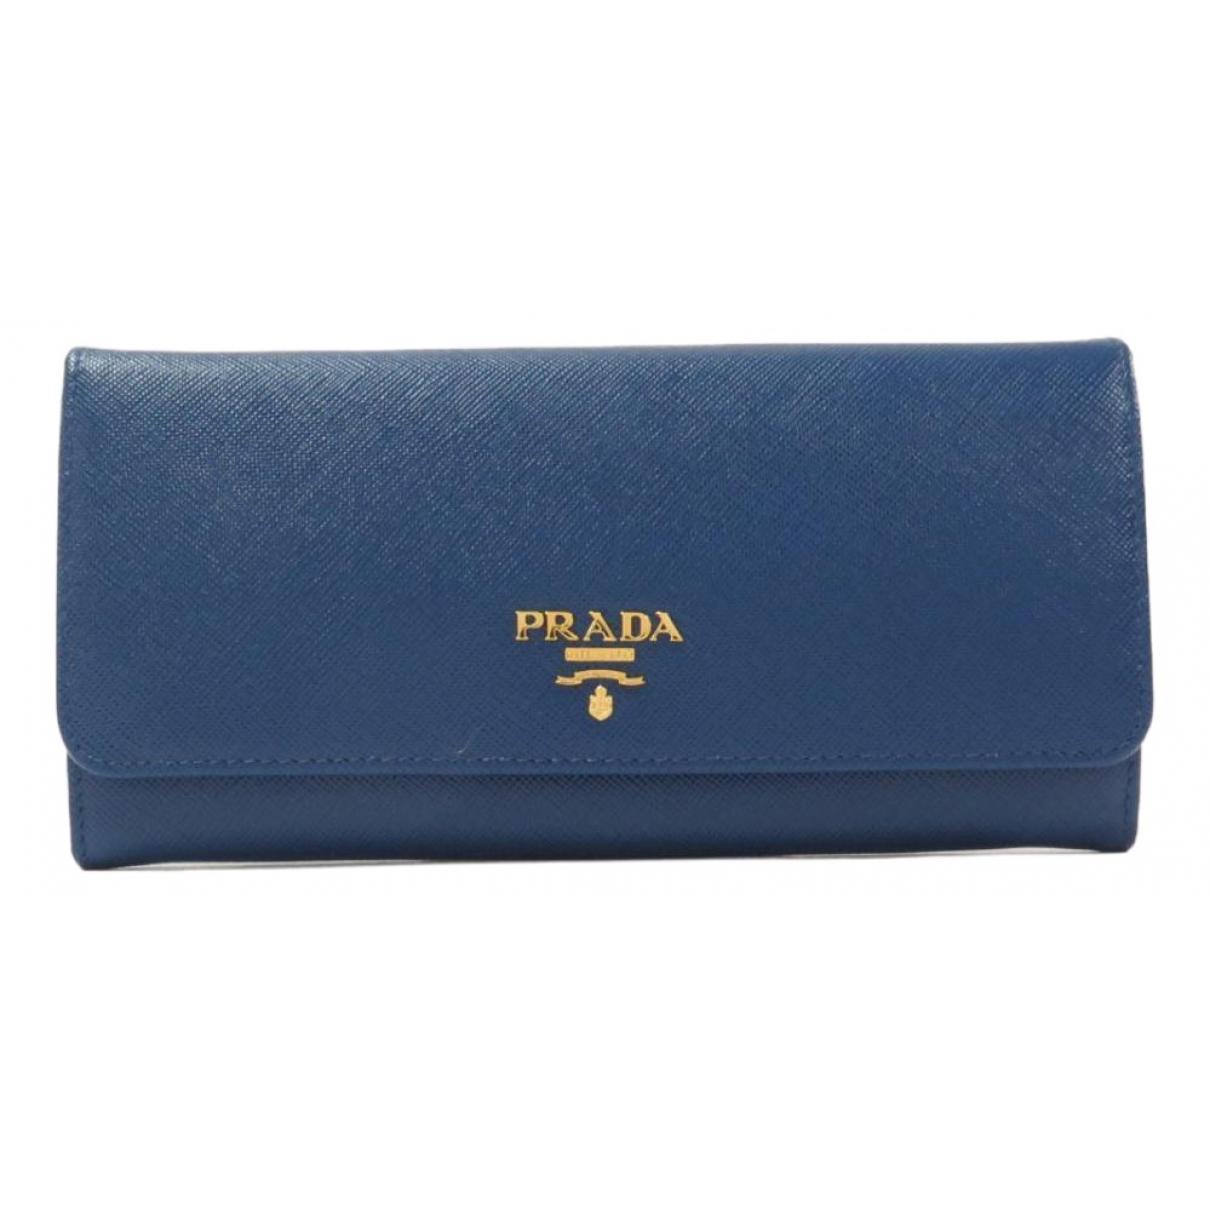 Prada \N Portemonnaie in  Blau Leder